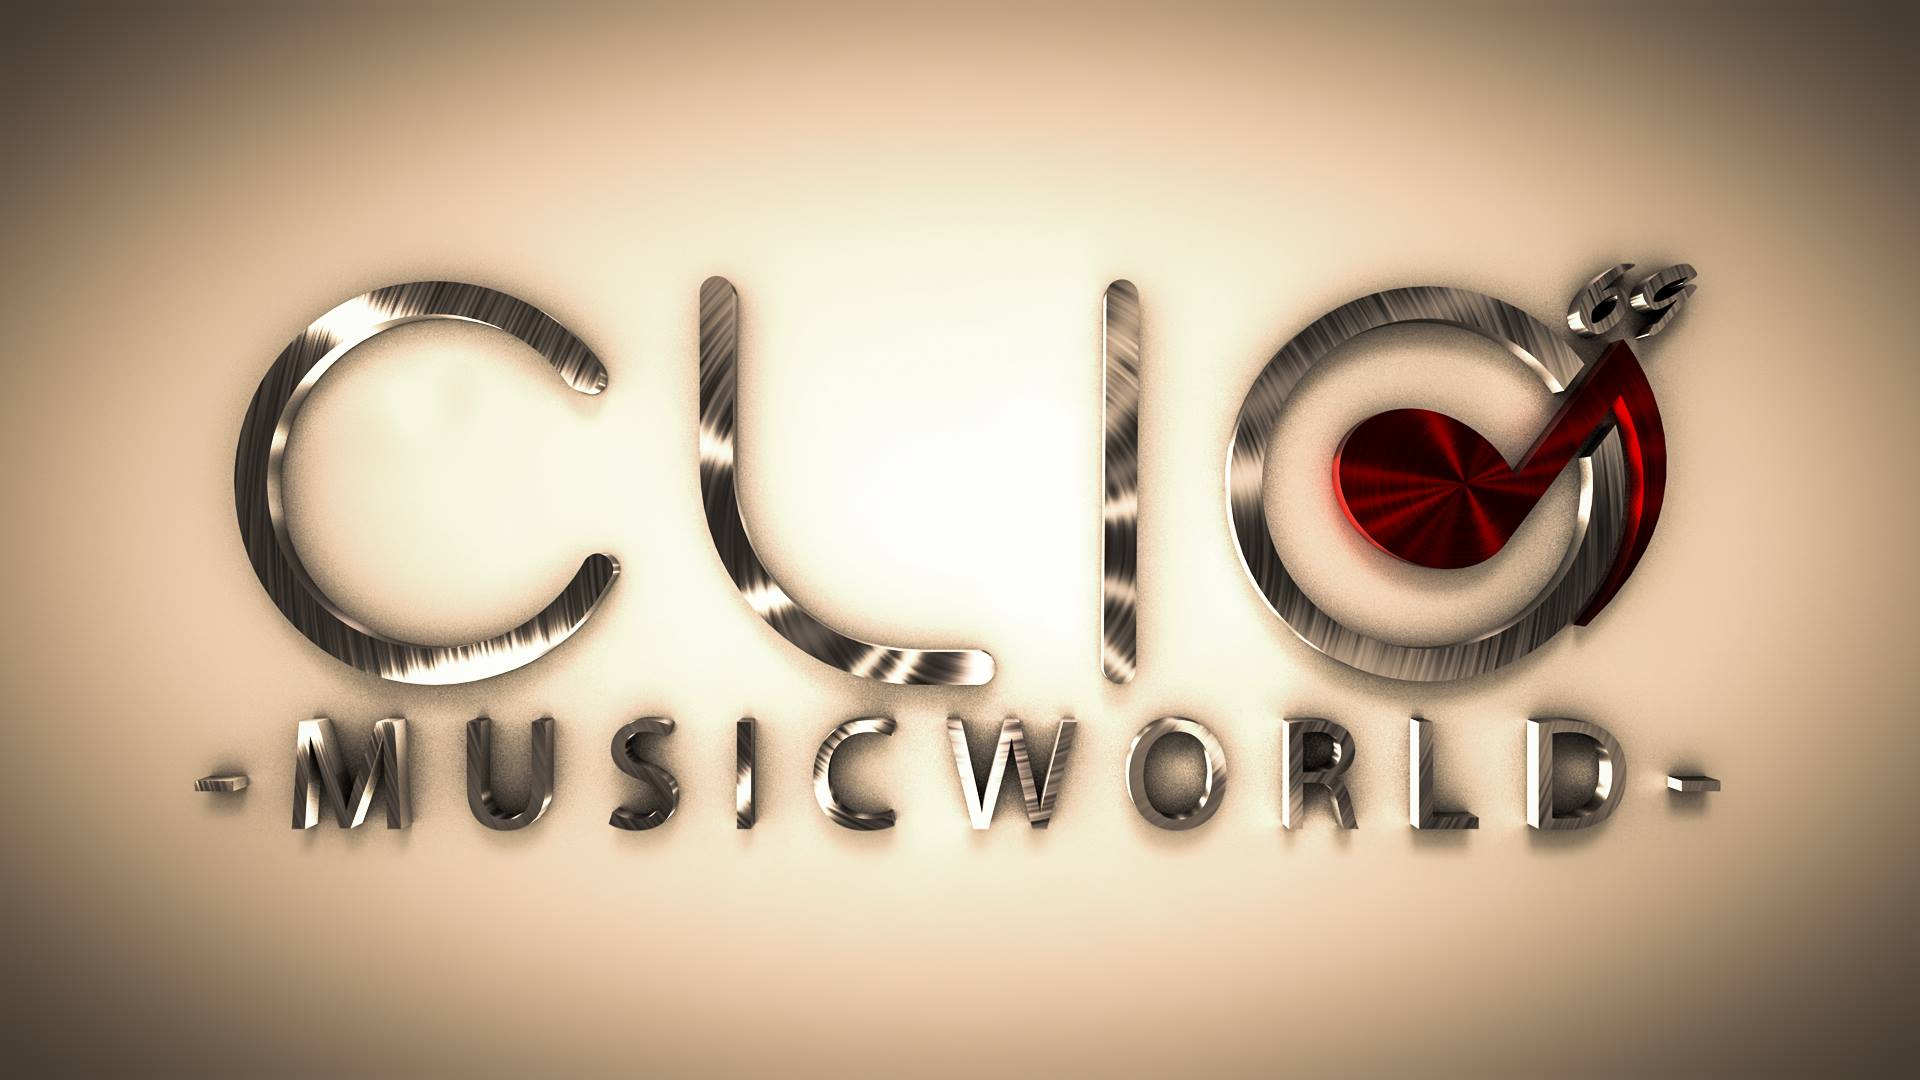 Clio 69 Musicworld